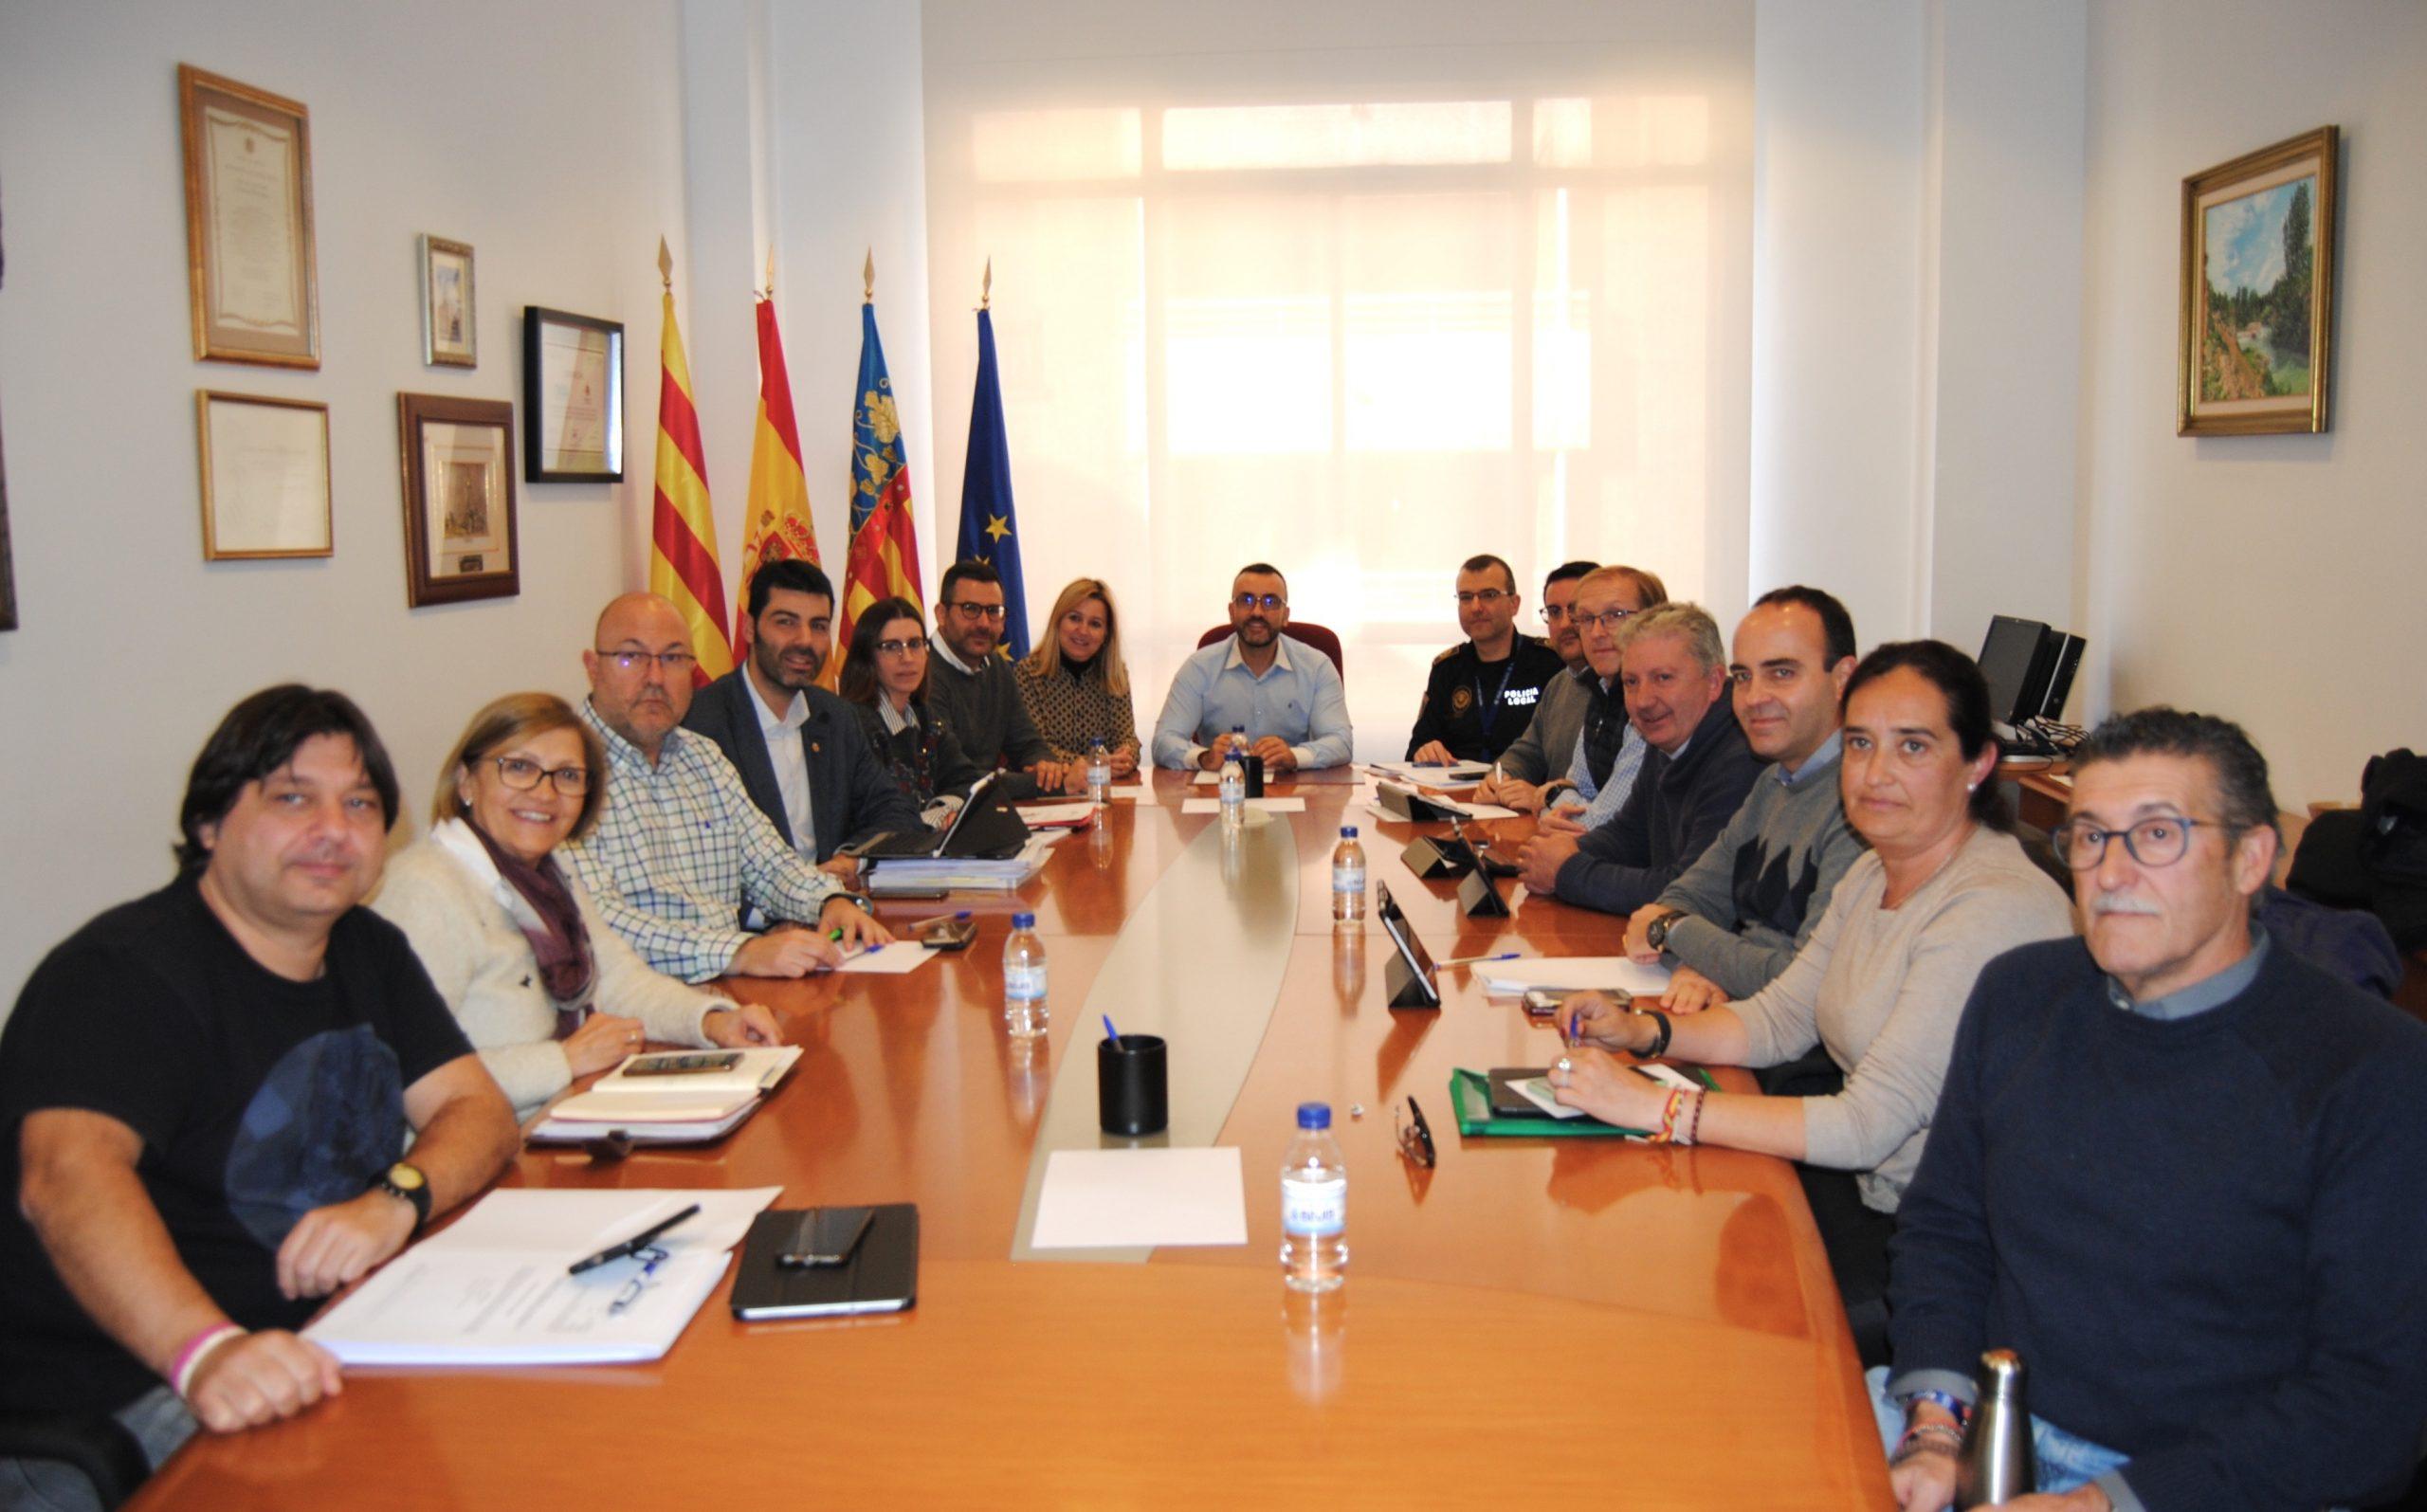 La Comisión de Convivencia con las Peñas avala la suspensión temporal de los casales por la situación de crisis sanitaria